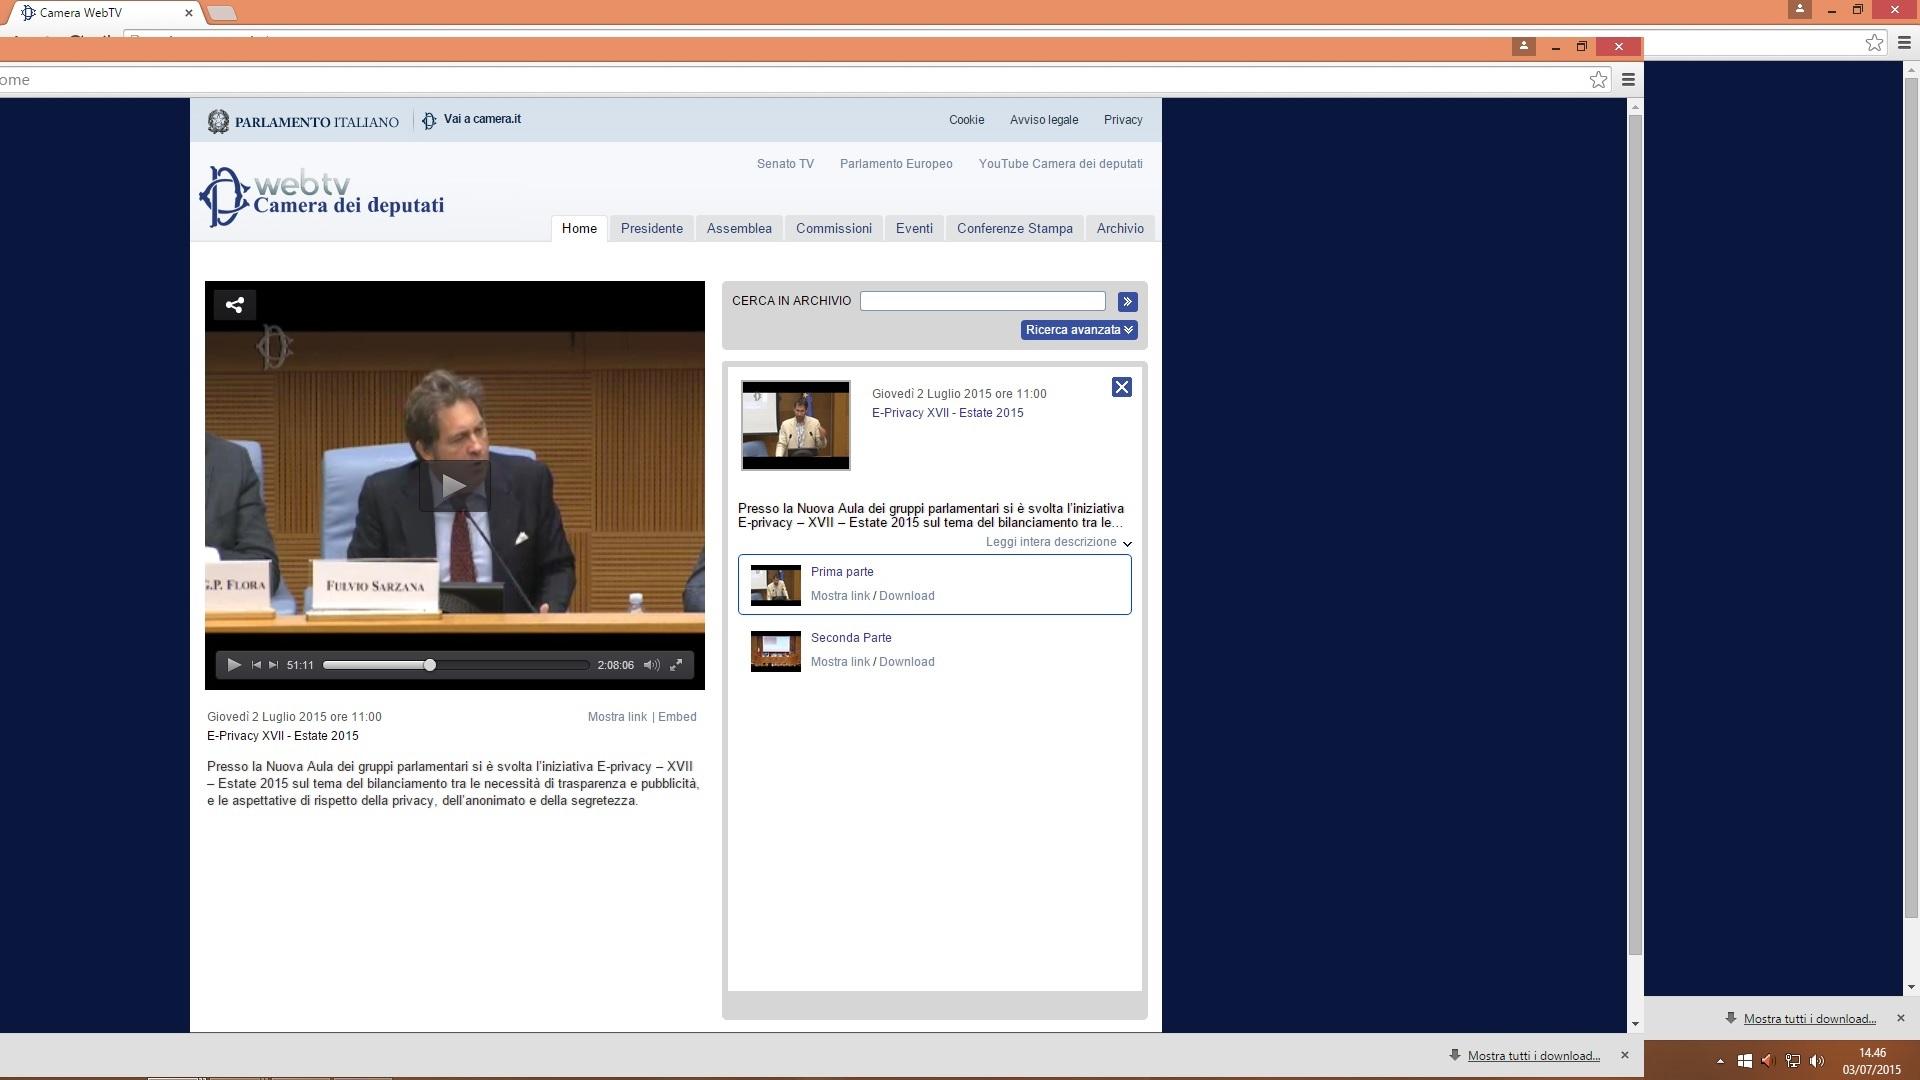 Camera dei deputati web tv privacy e reputazione digitale for Web tv camera dei deputati